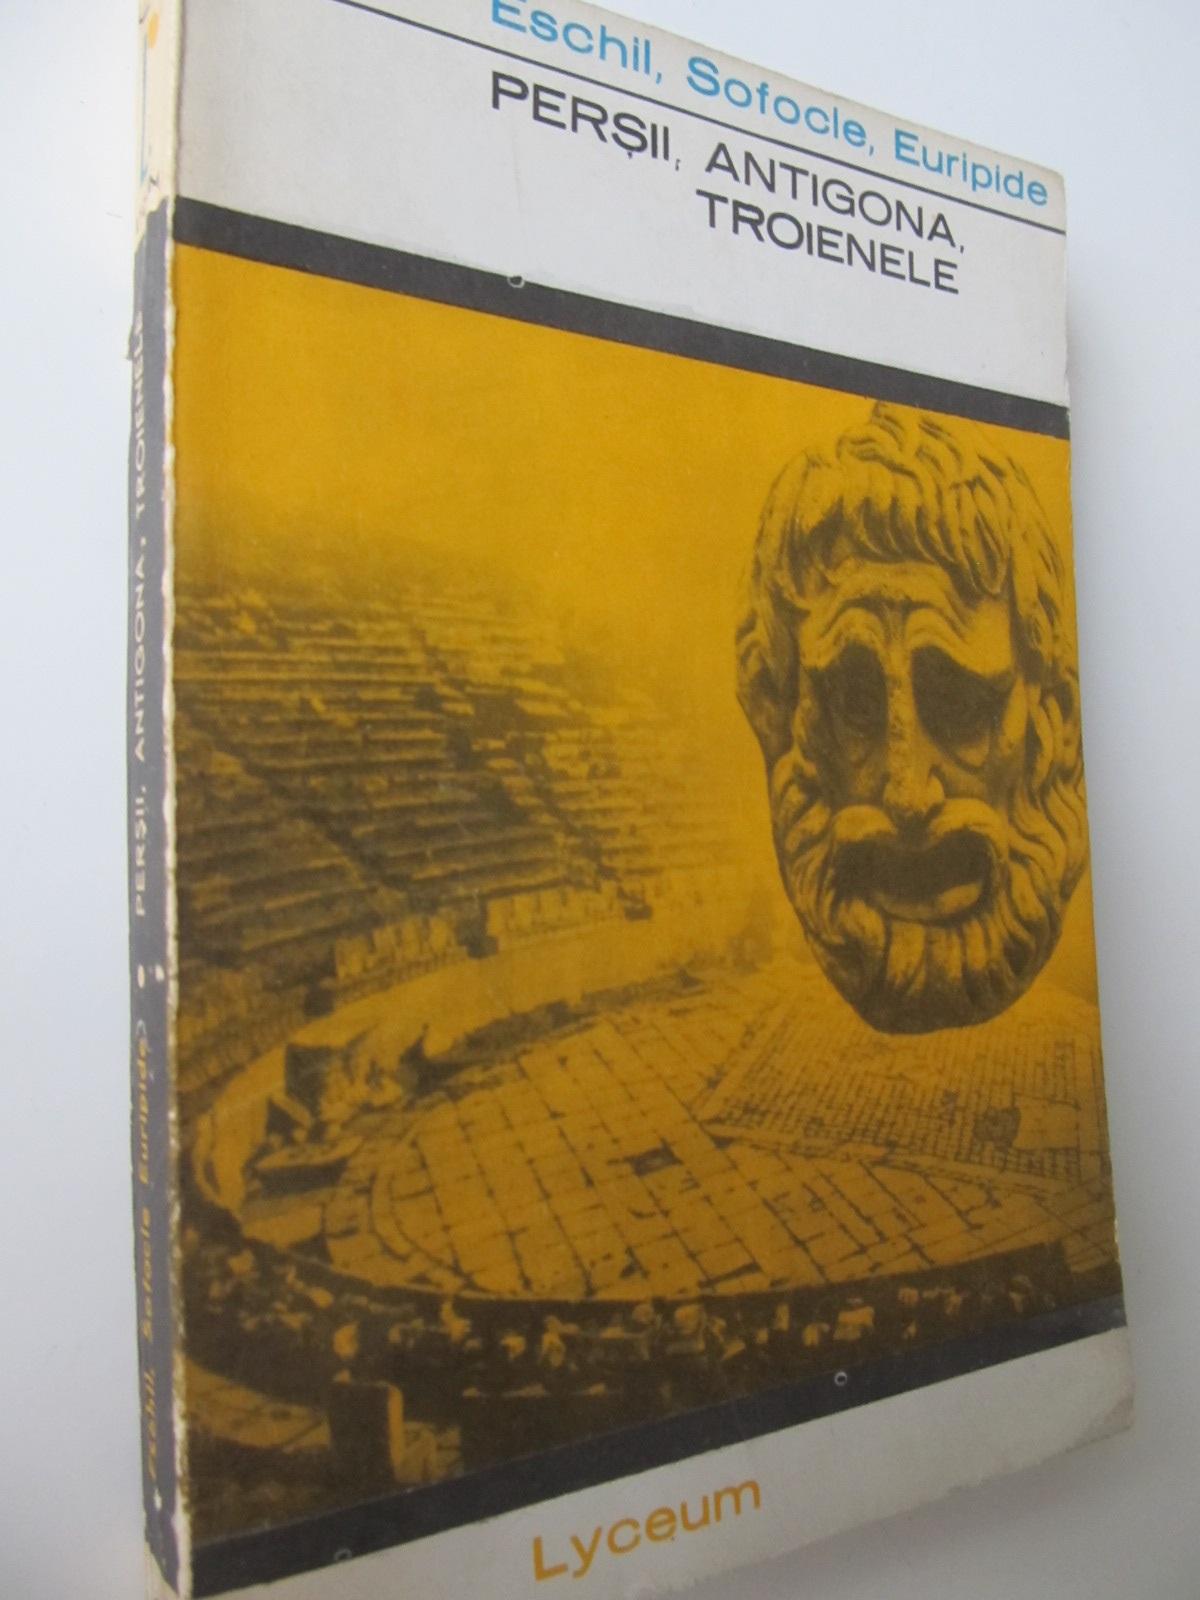 Persii Antigona Troienele - Eschil , Sofocle , Euripide | Detalii carte